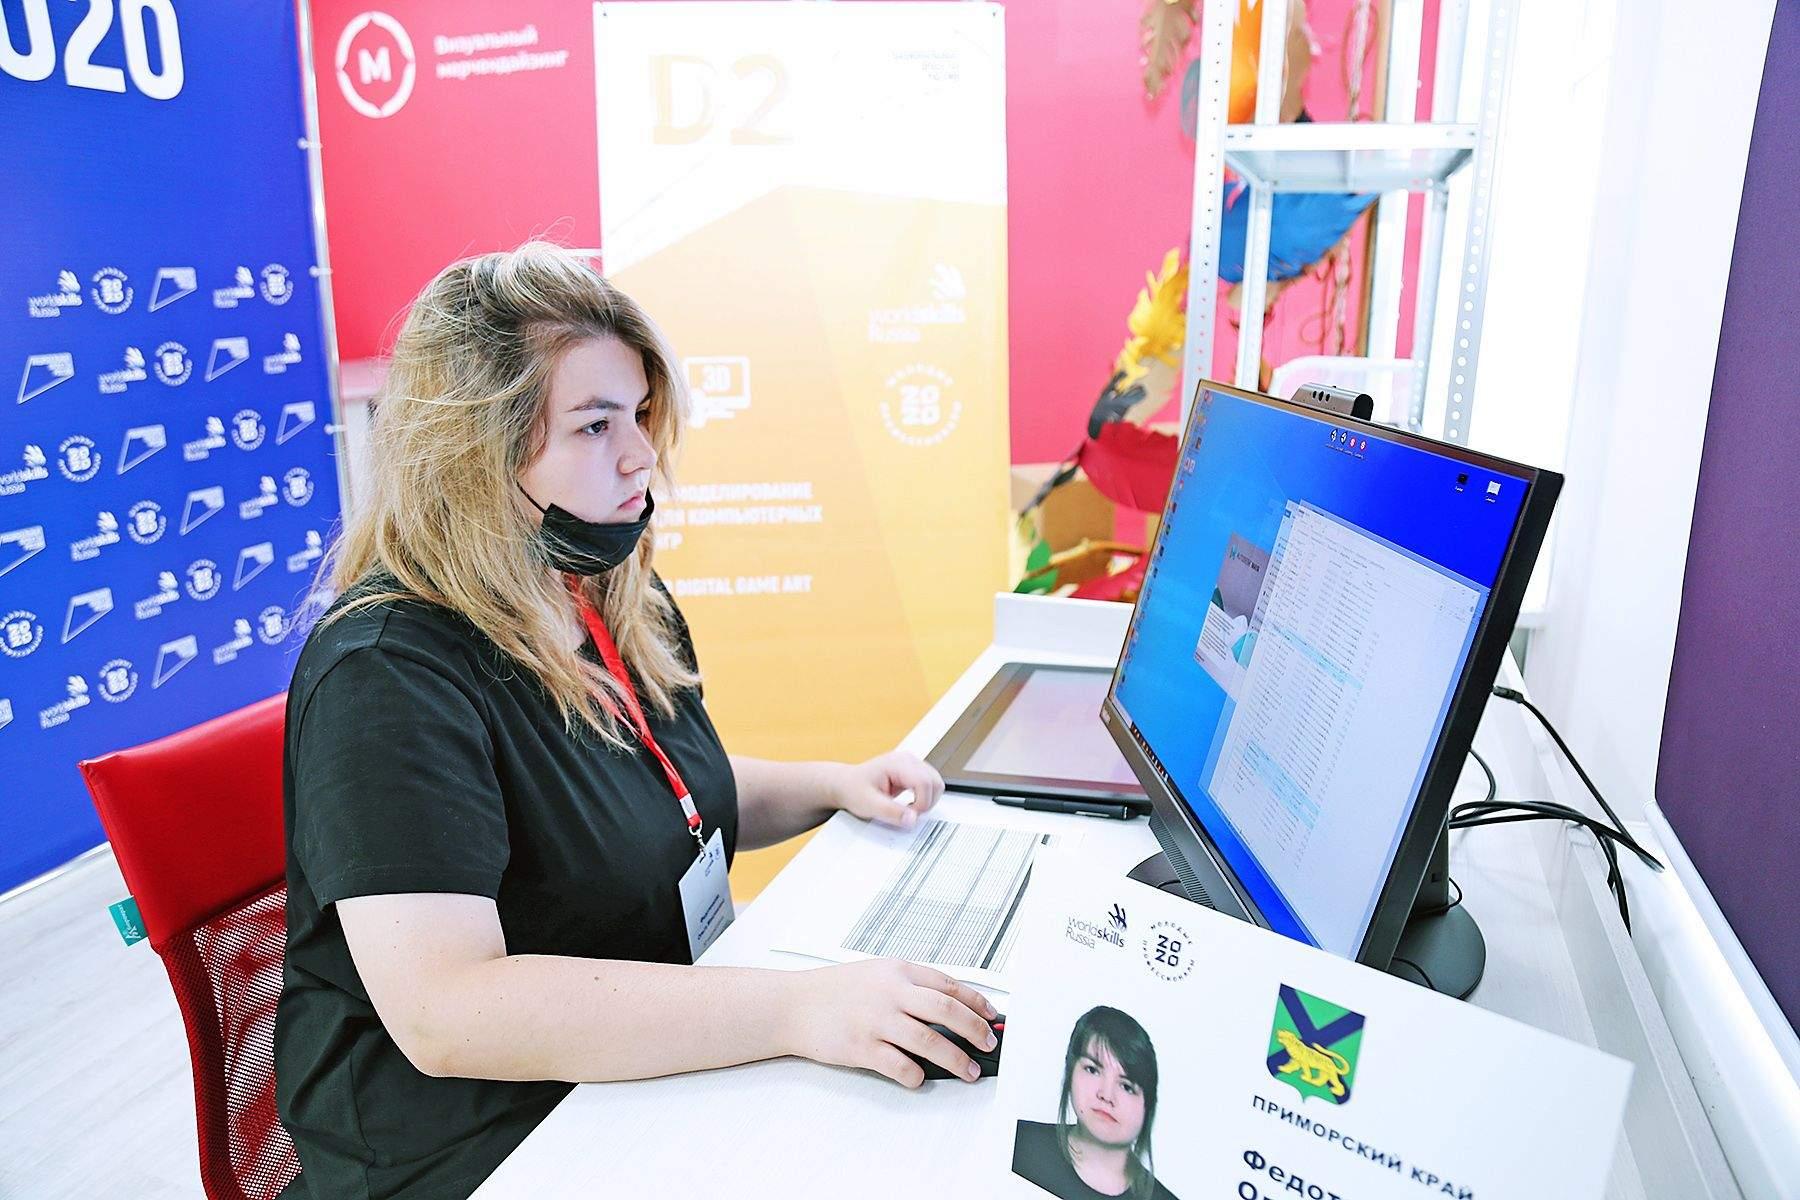 Финальные испытания VIII Национального чемпионата «Молодые профессионалы» по компетенции «3D моделирование для компьютерных игр» начались во ВГУЭС